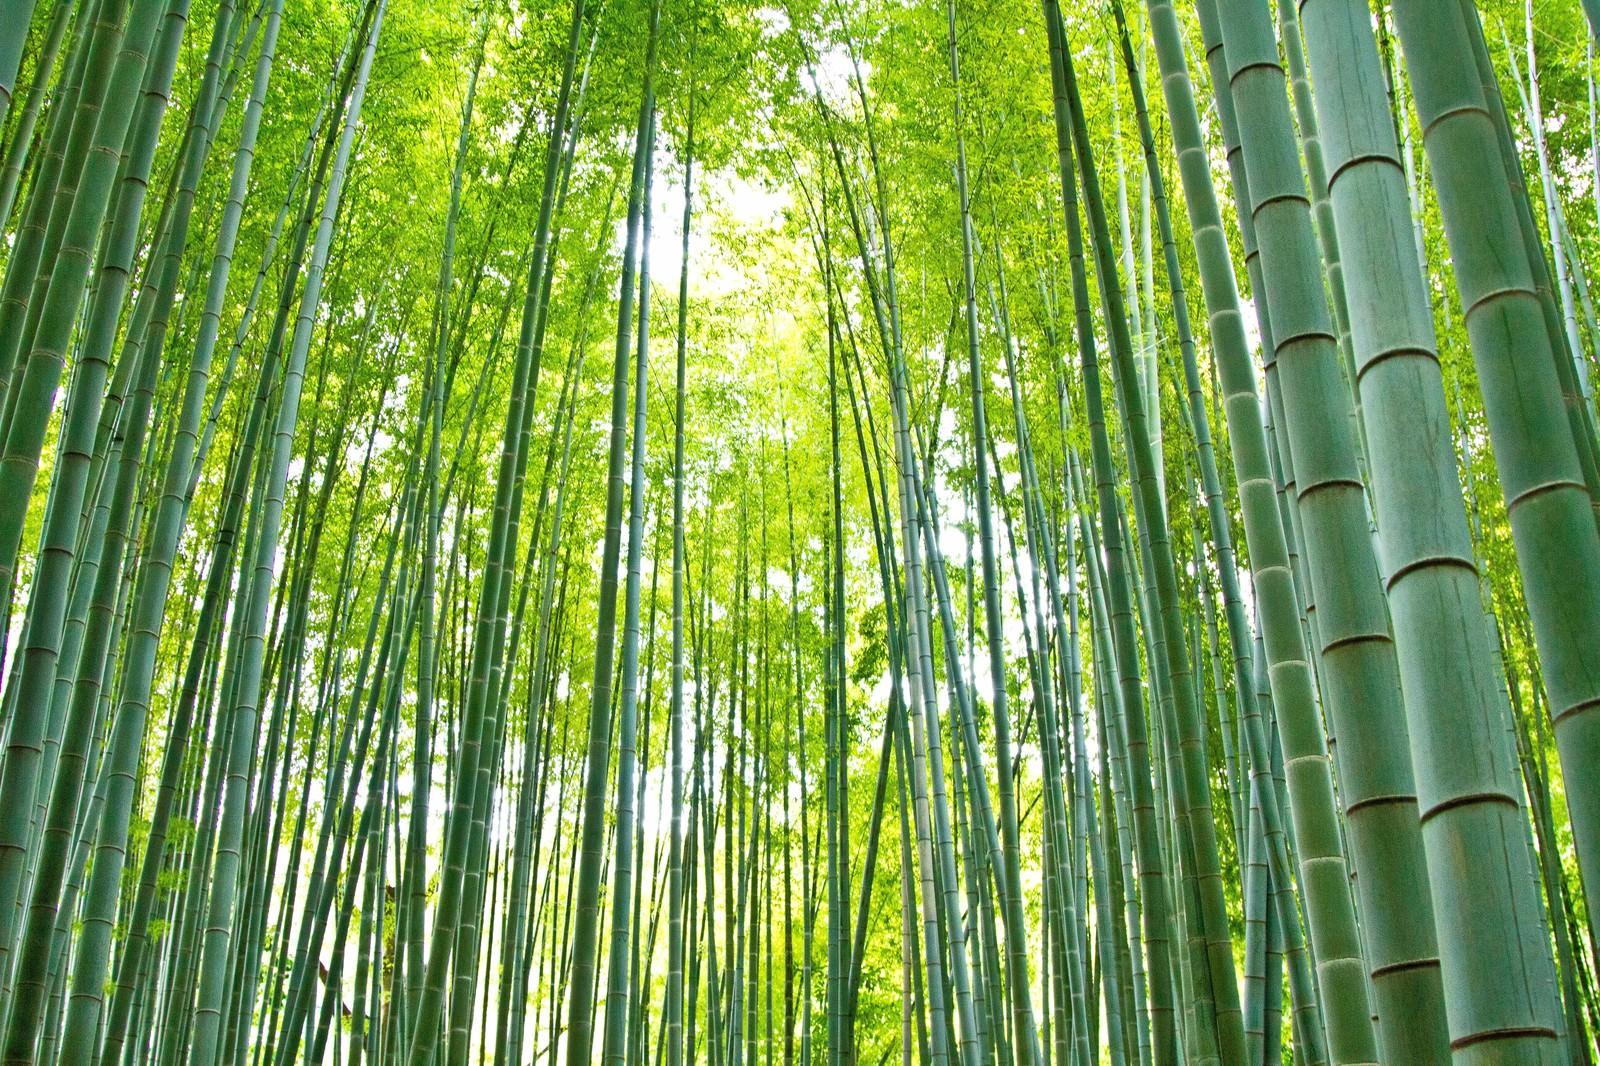 「お寺の竹林と日差し」の写真